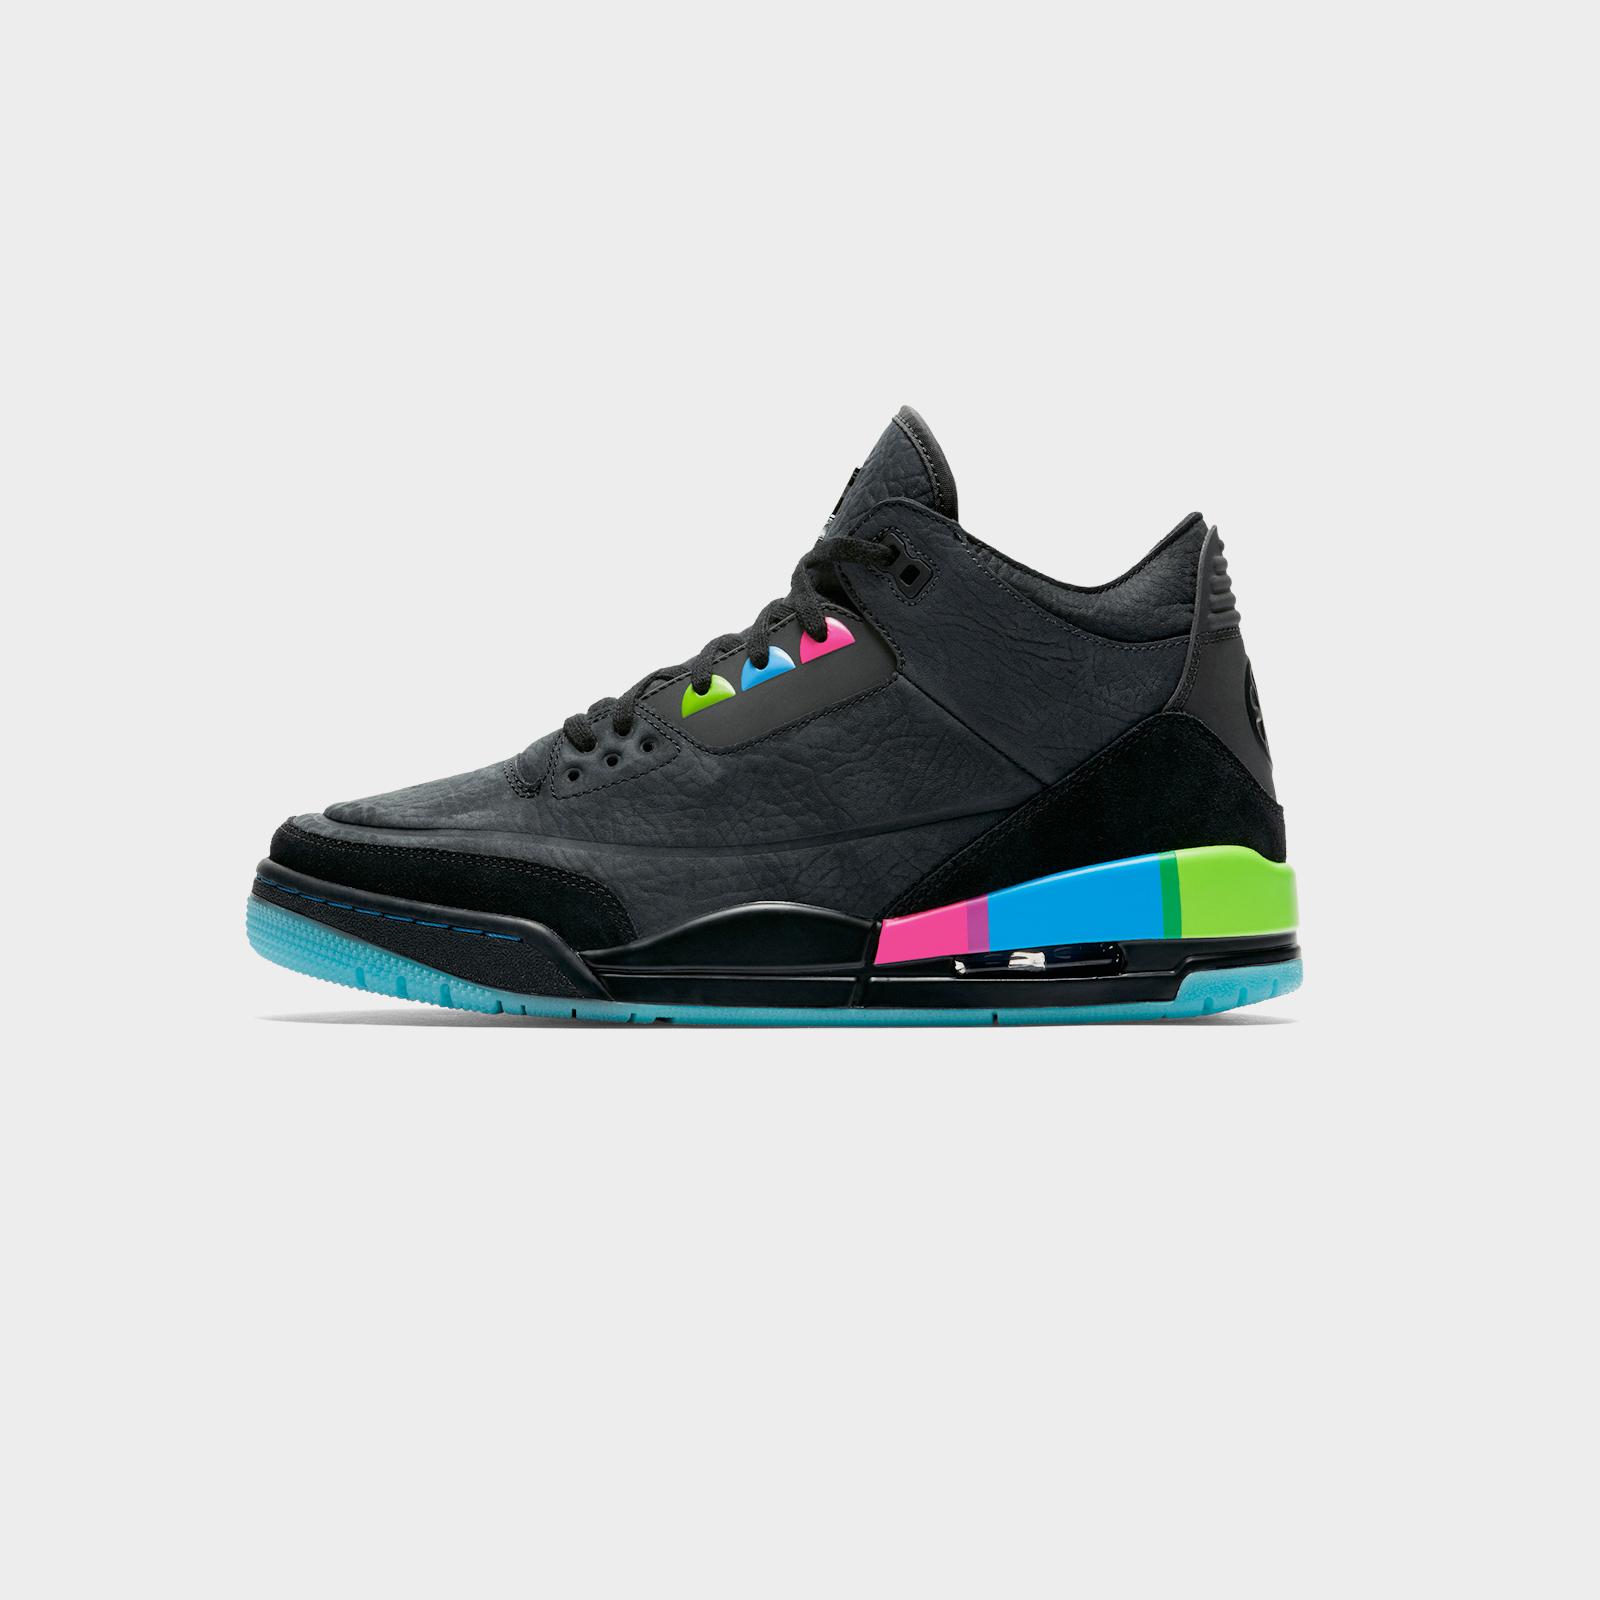 8271c17f634 Jordan Brand Air Jordan 3 Retro Se Q54 - At9195-001 - Sneakersnstuff ...